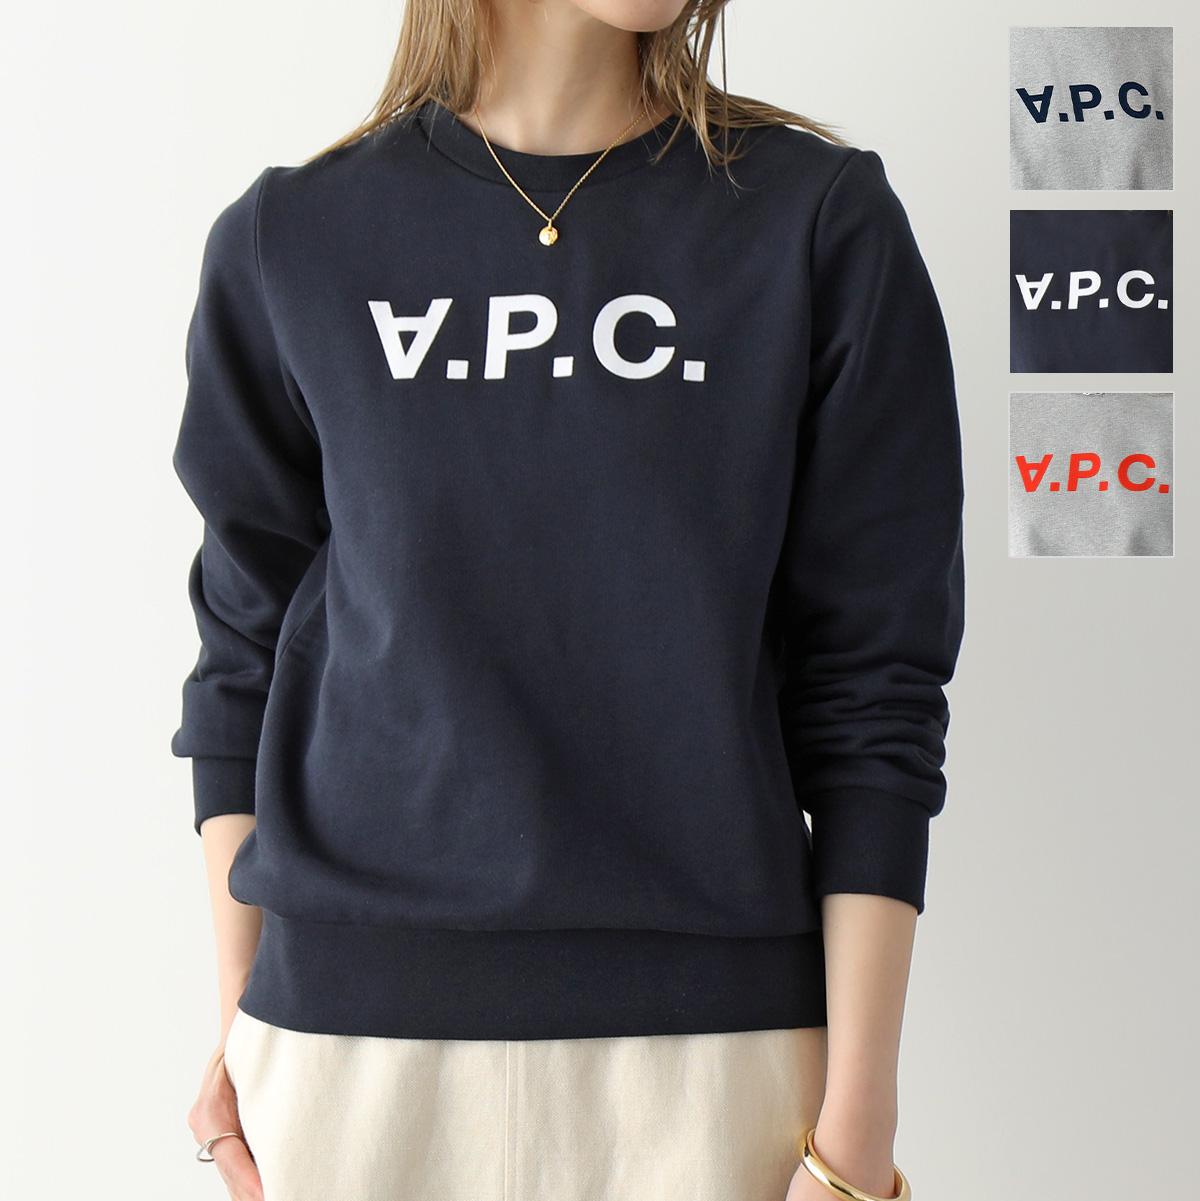 2021年秋冬新作 APC A.P.C. 店 最新 アーペーセー COECQ F27644 VIVA スウェット レディース GRIS-CHINE トレーナー PLA ロゴ 2021aw